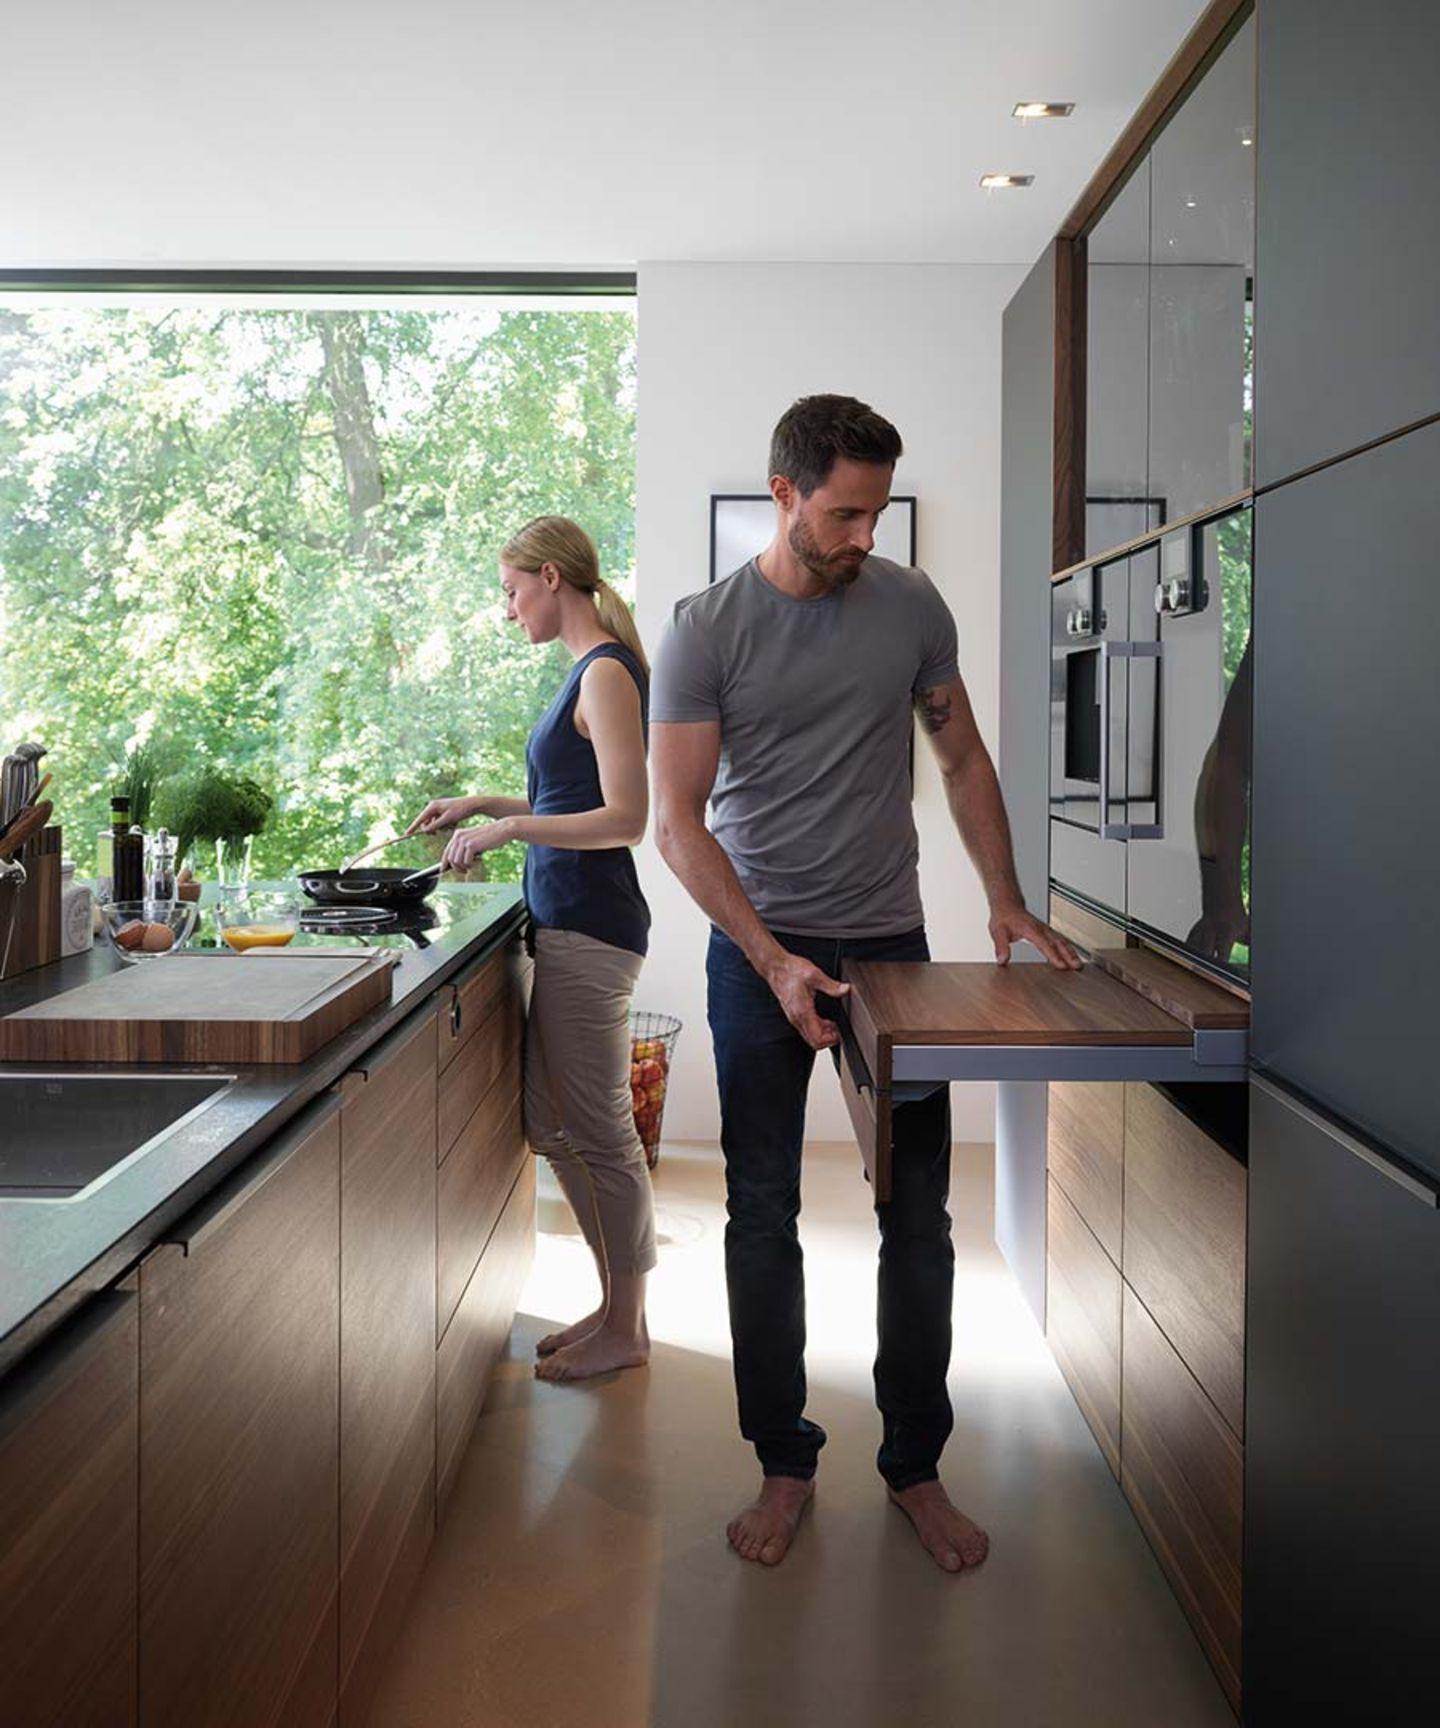 Vollholzküche black line mit Tablarauszug